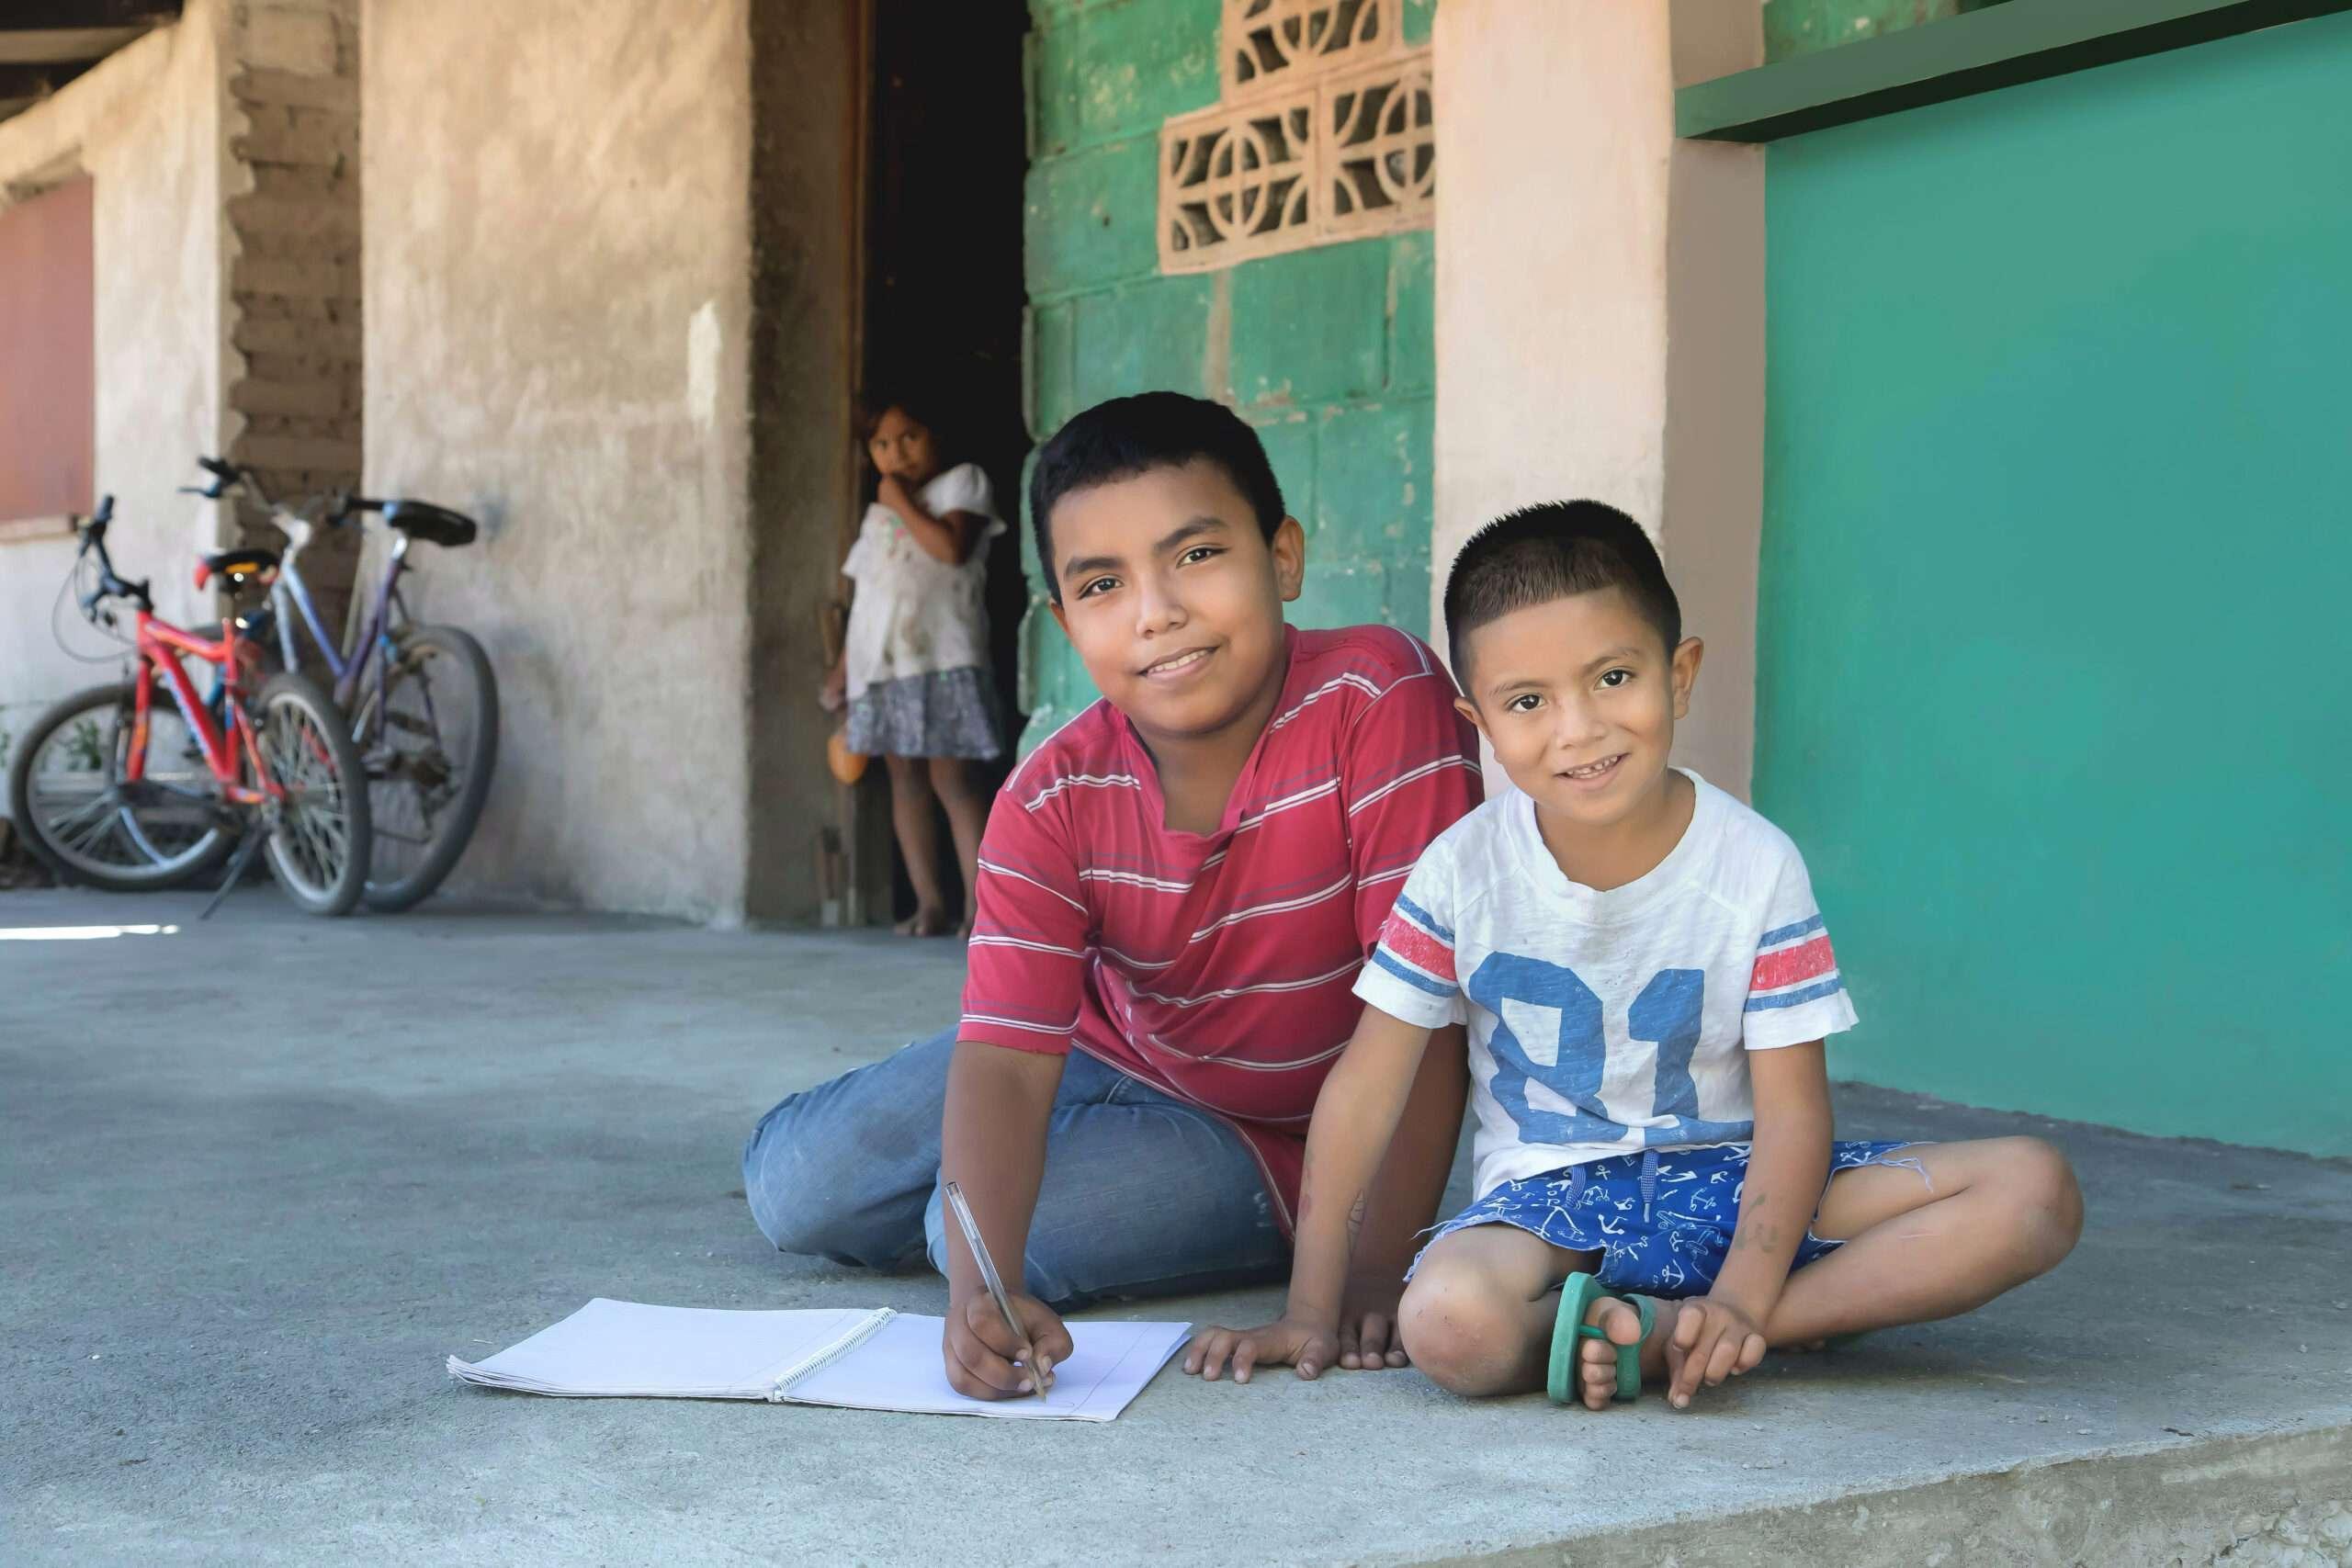 En 2020 la Fundación Argos Honduras impactó positivamente la vida de más de 23.000 personas